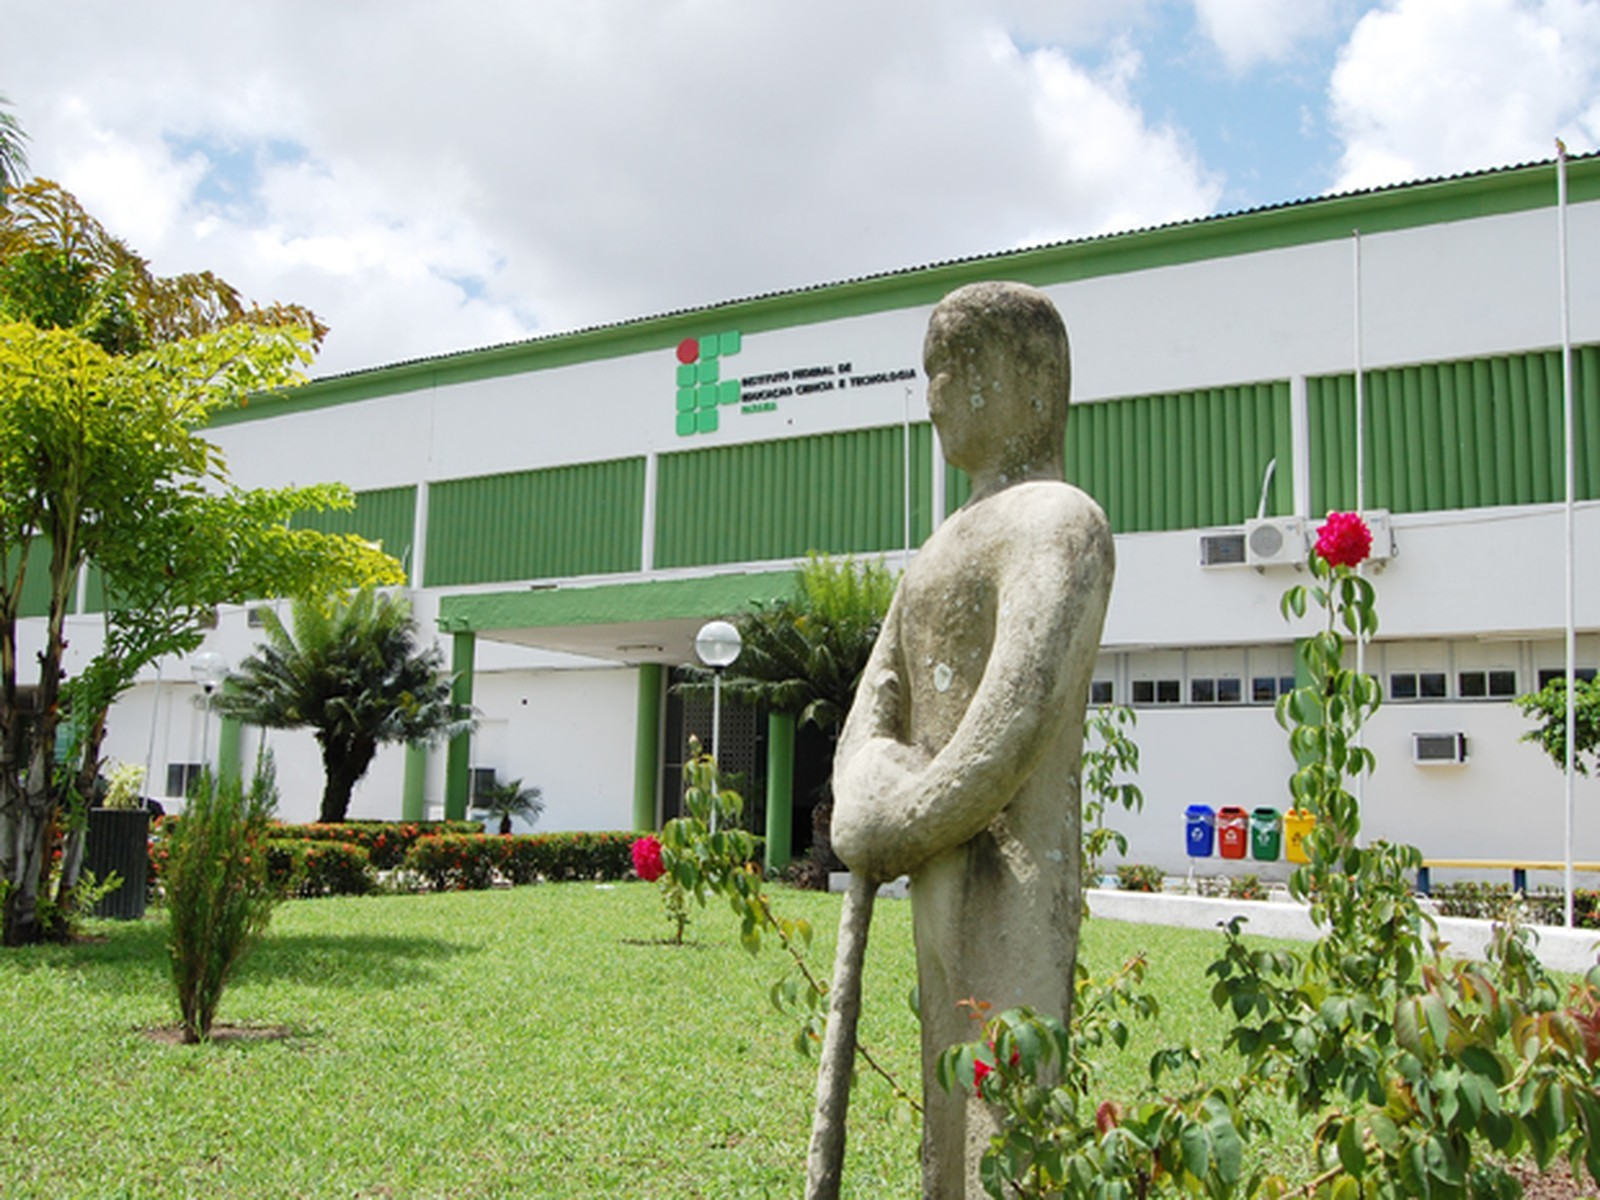 MEC anuncia liberação de mais R$ 30,2 milhões para universidades e instituto federais na Paraíba - Notícias - Plantão Diário